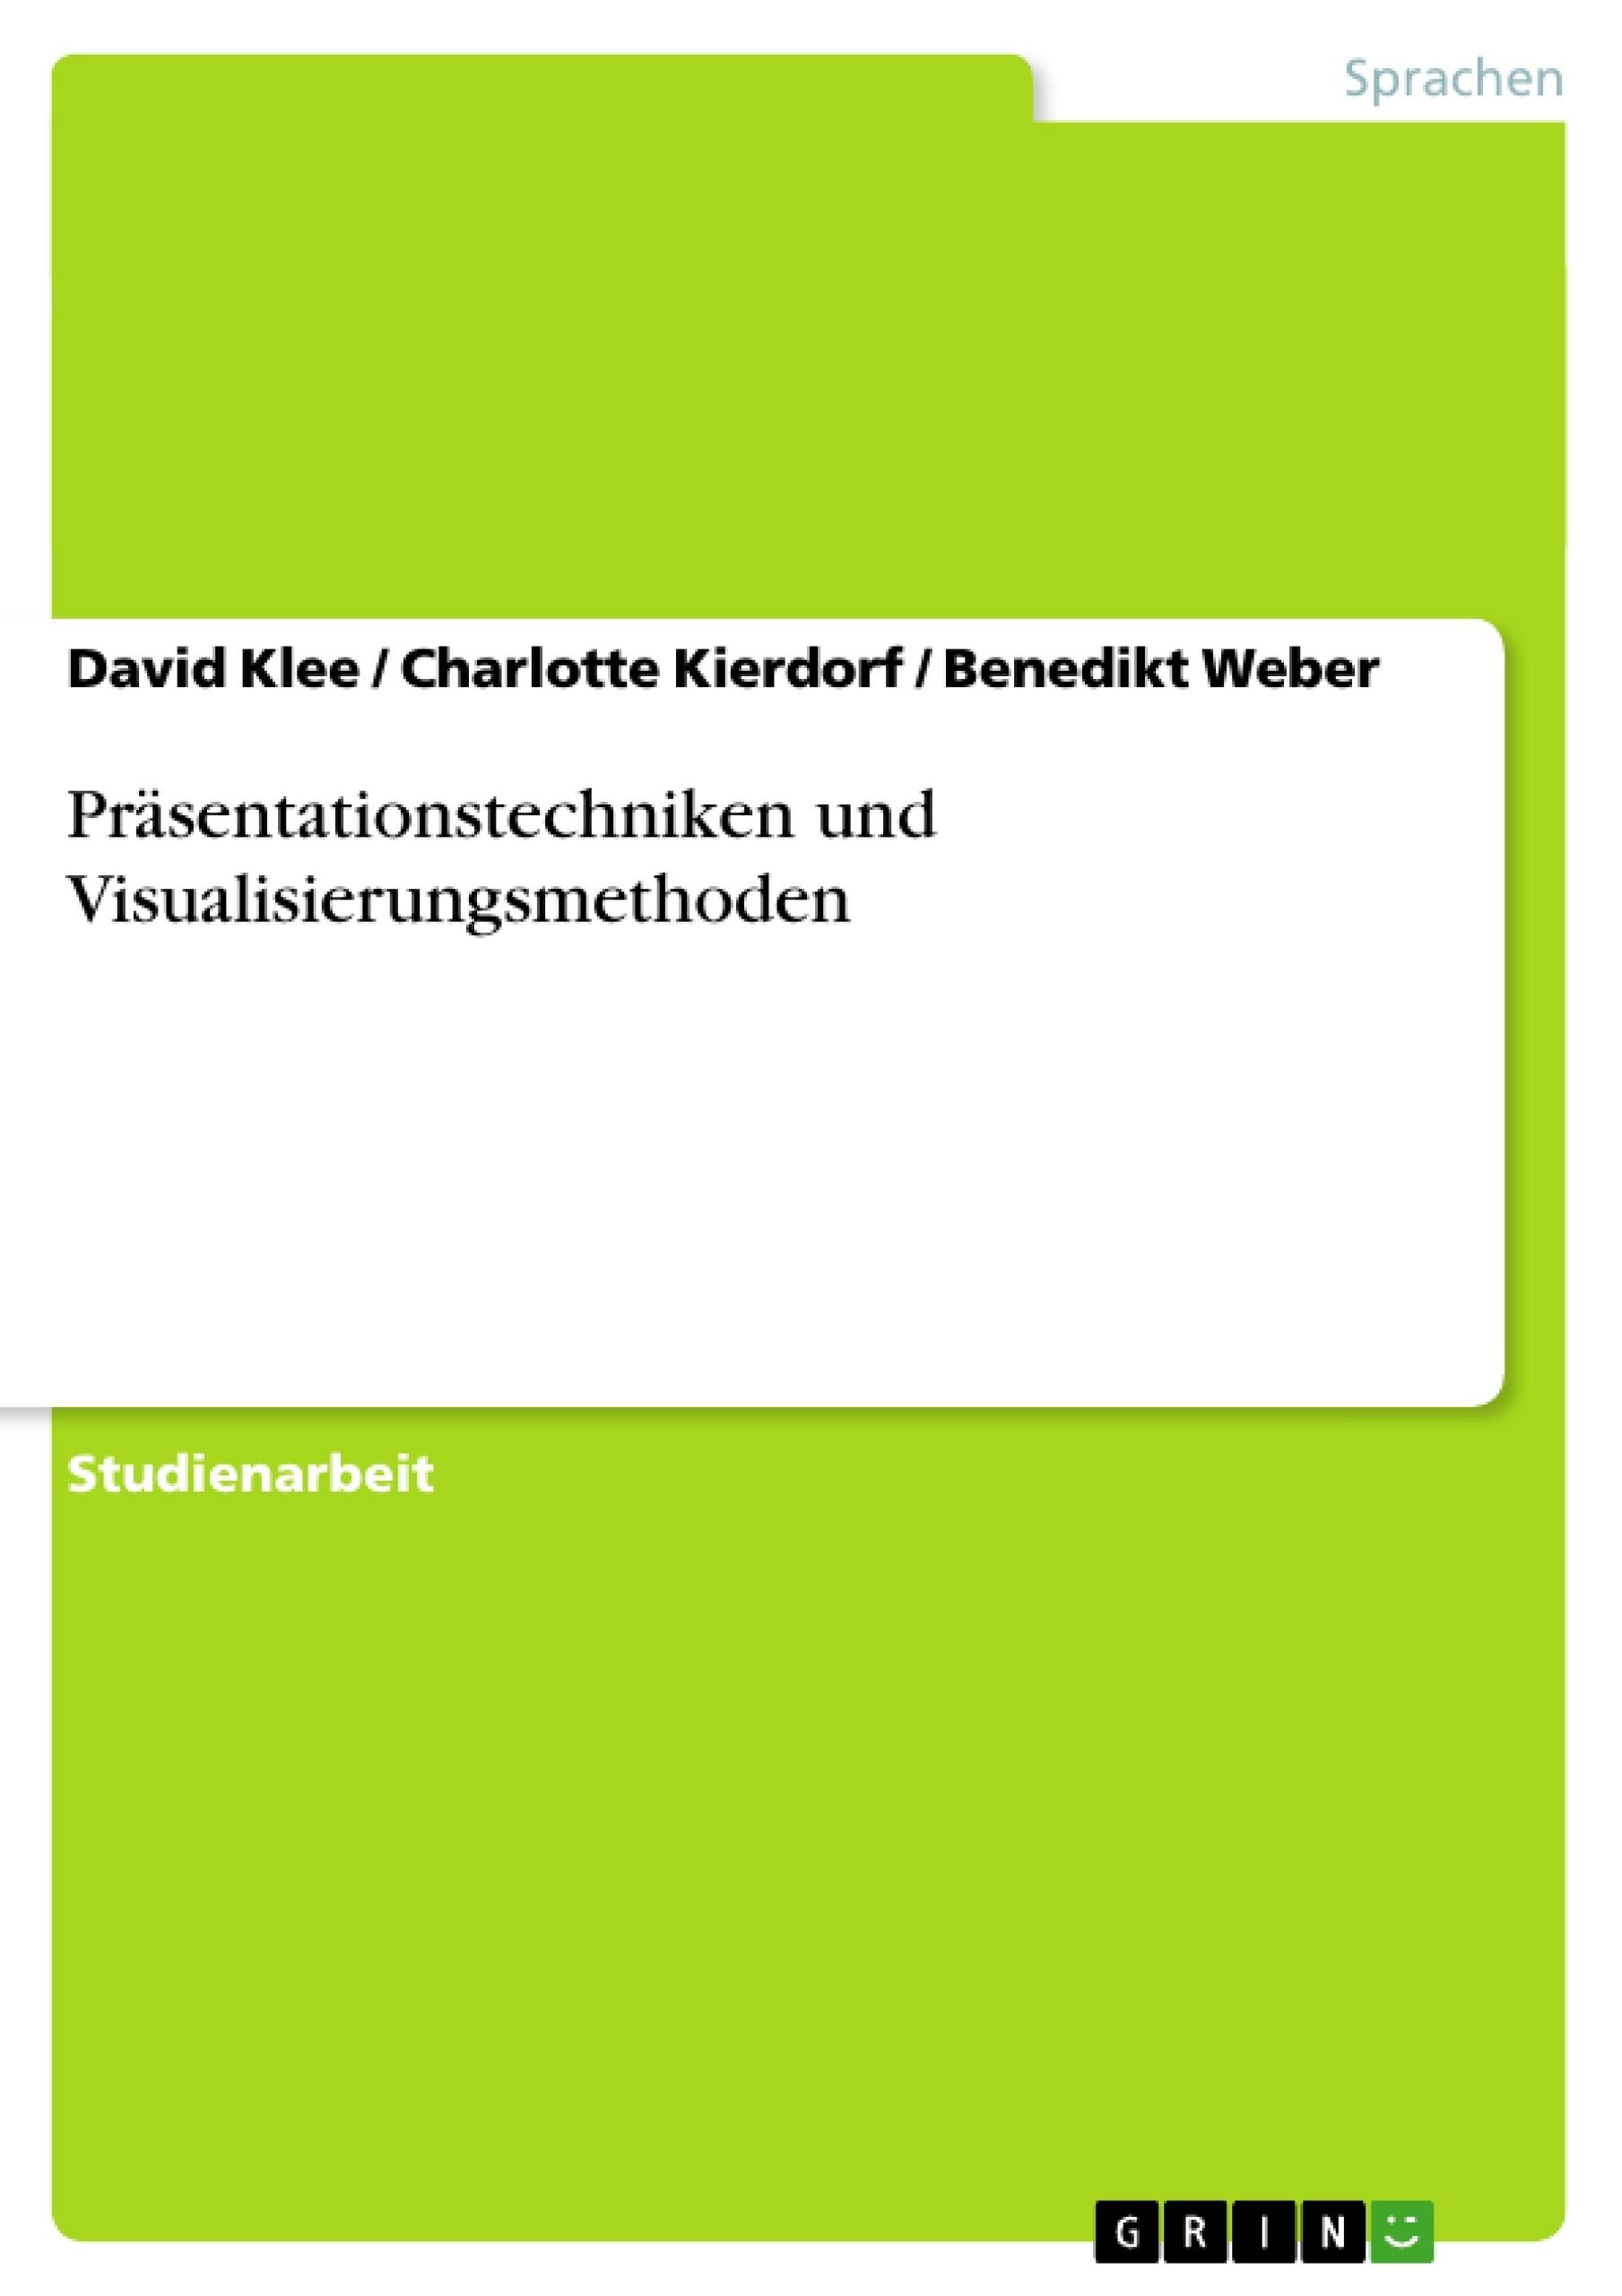 Titel: Präsentationstechniken und Visualisierungsmethoden